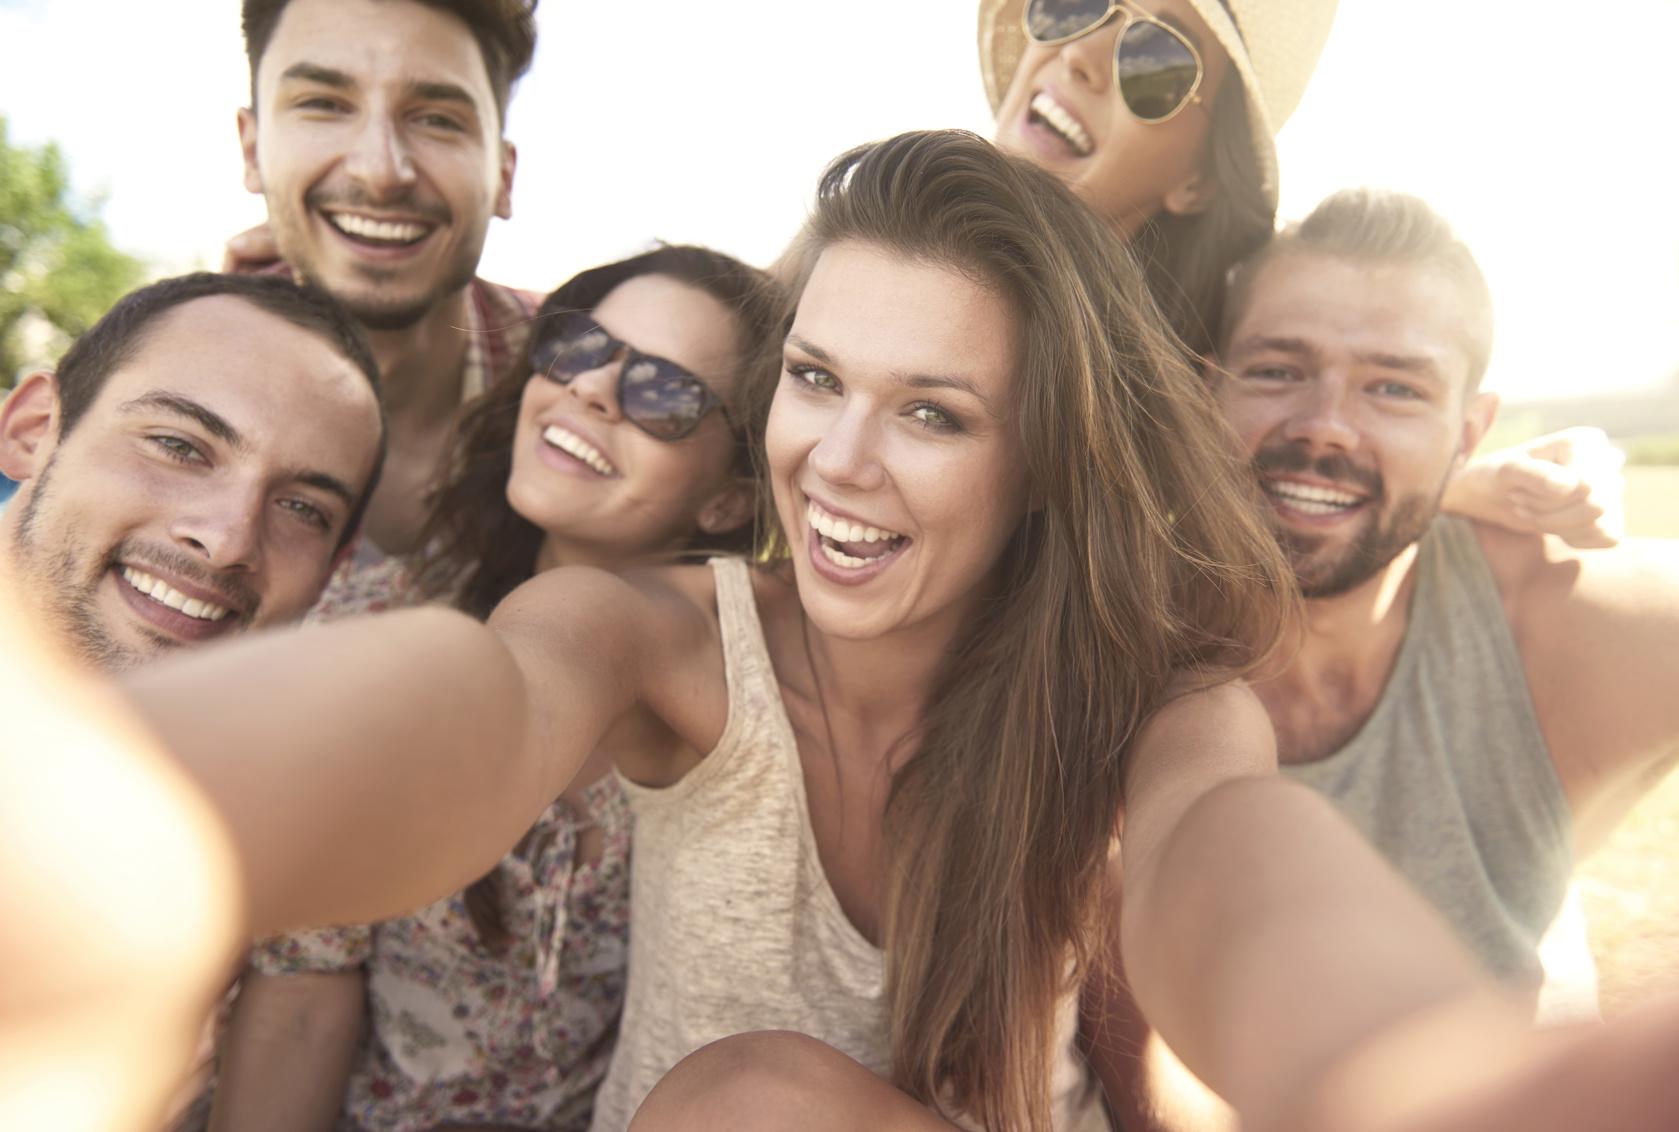 Eine Gruppe junger Menschen macht ein Selfie